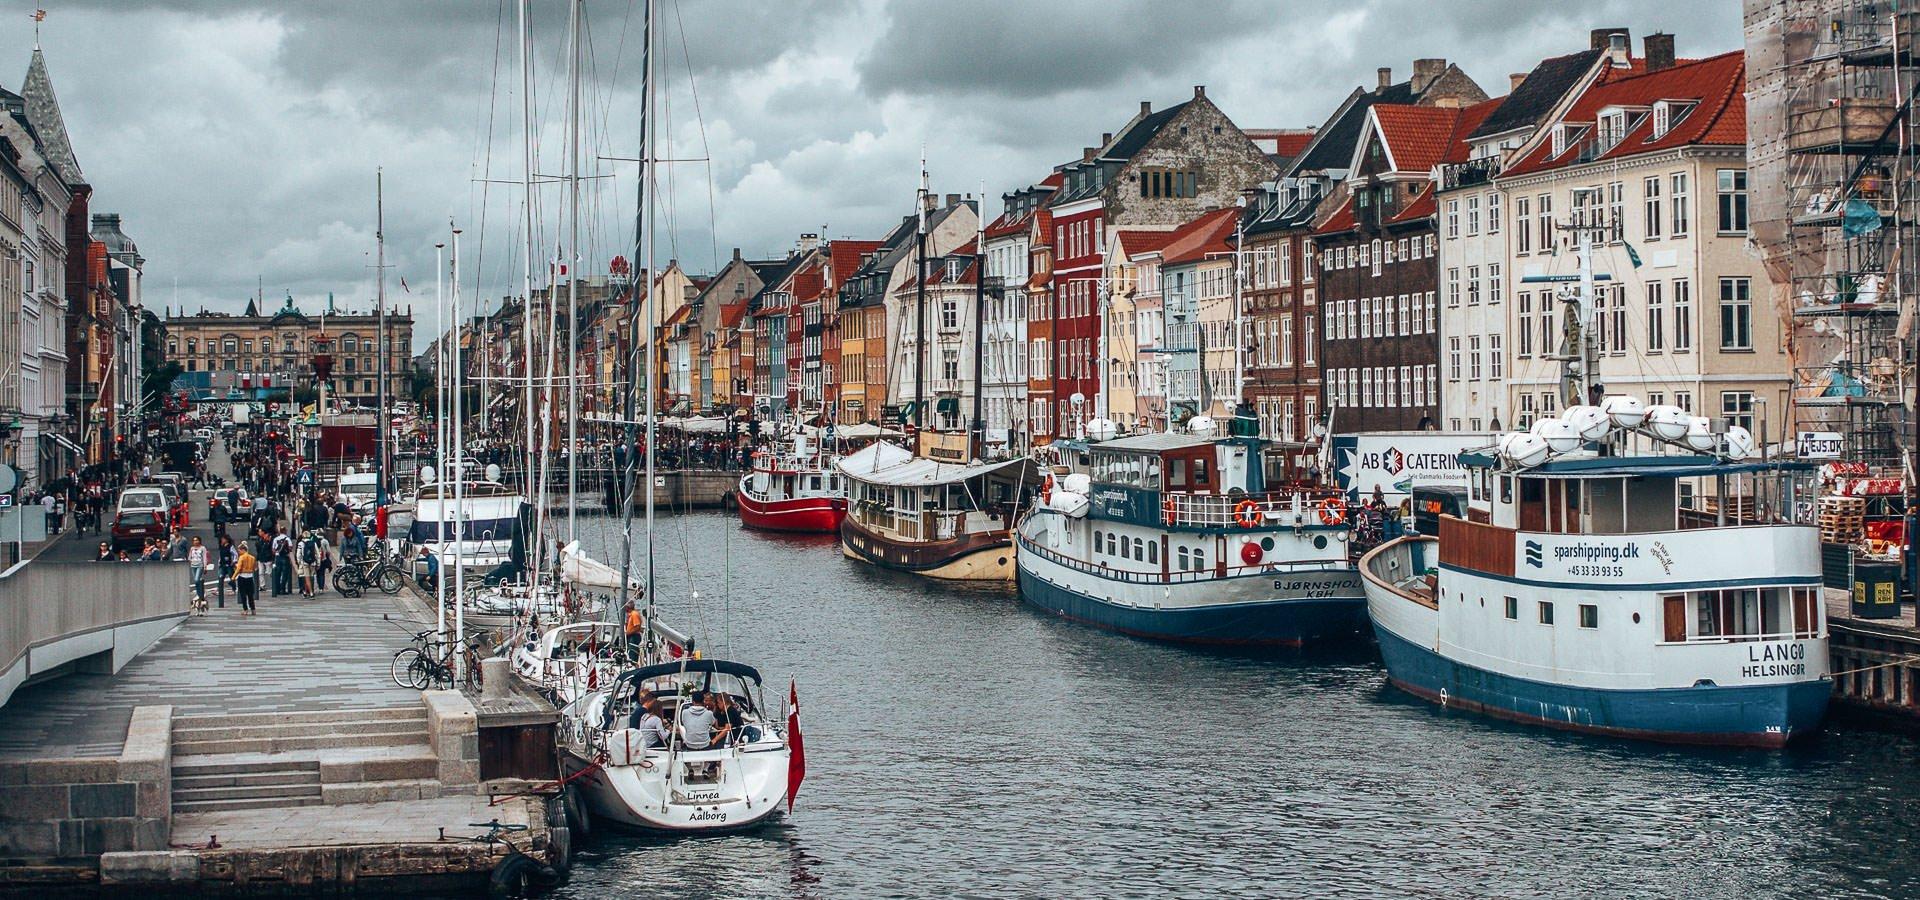 2 Days In Copenhagen Itinerary | See, Eat, Sleep, Shop | copenhagen itinerary 20